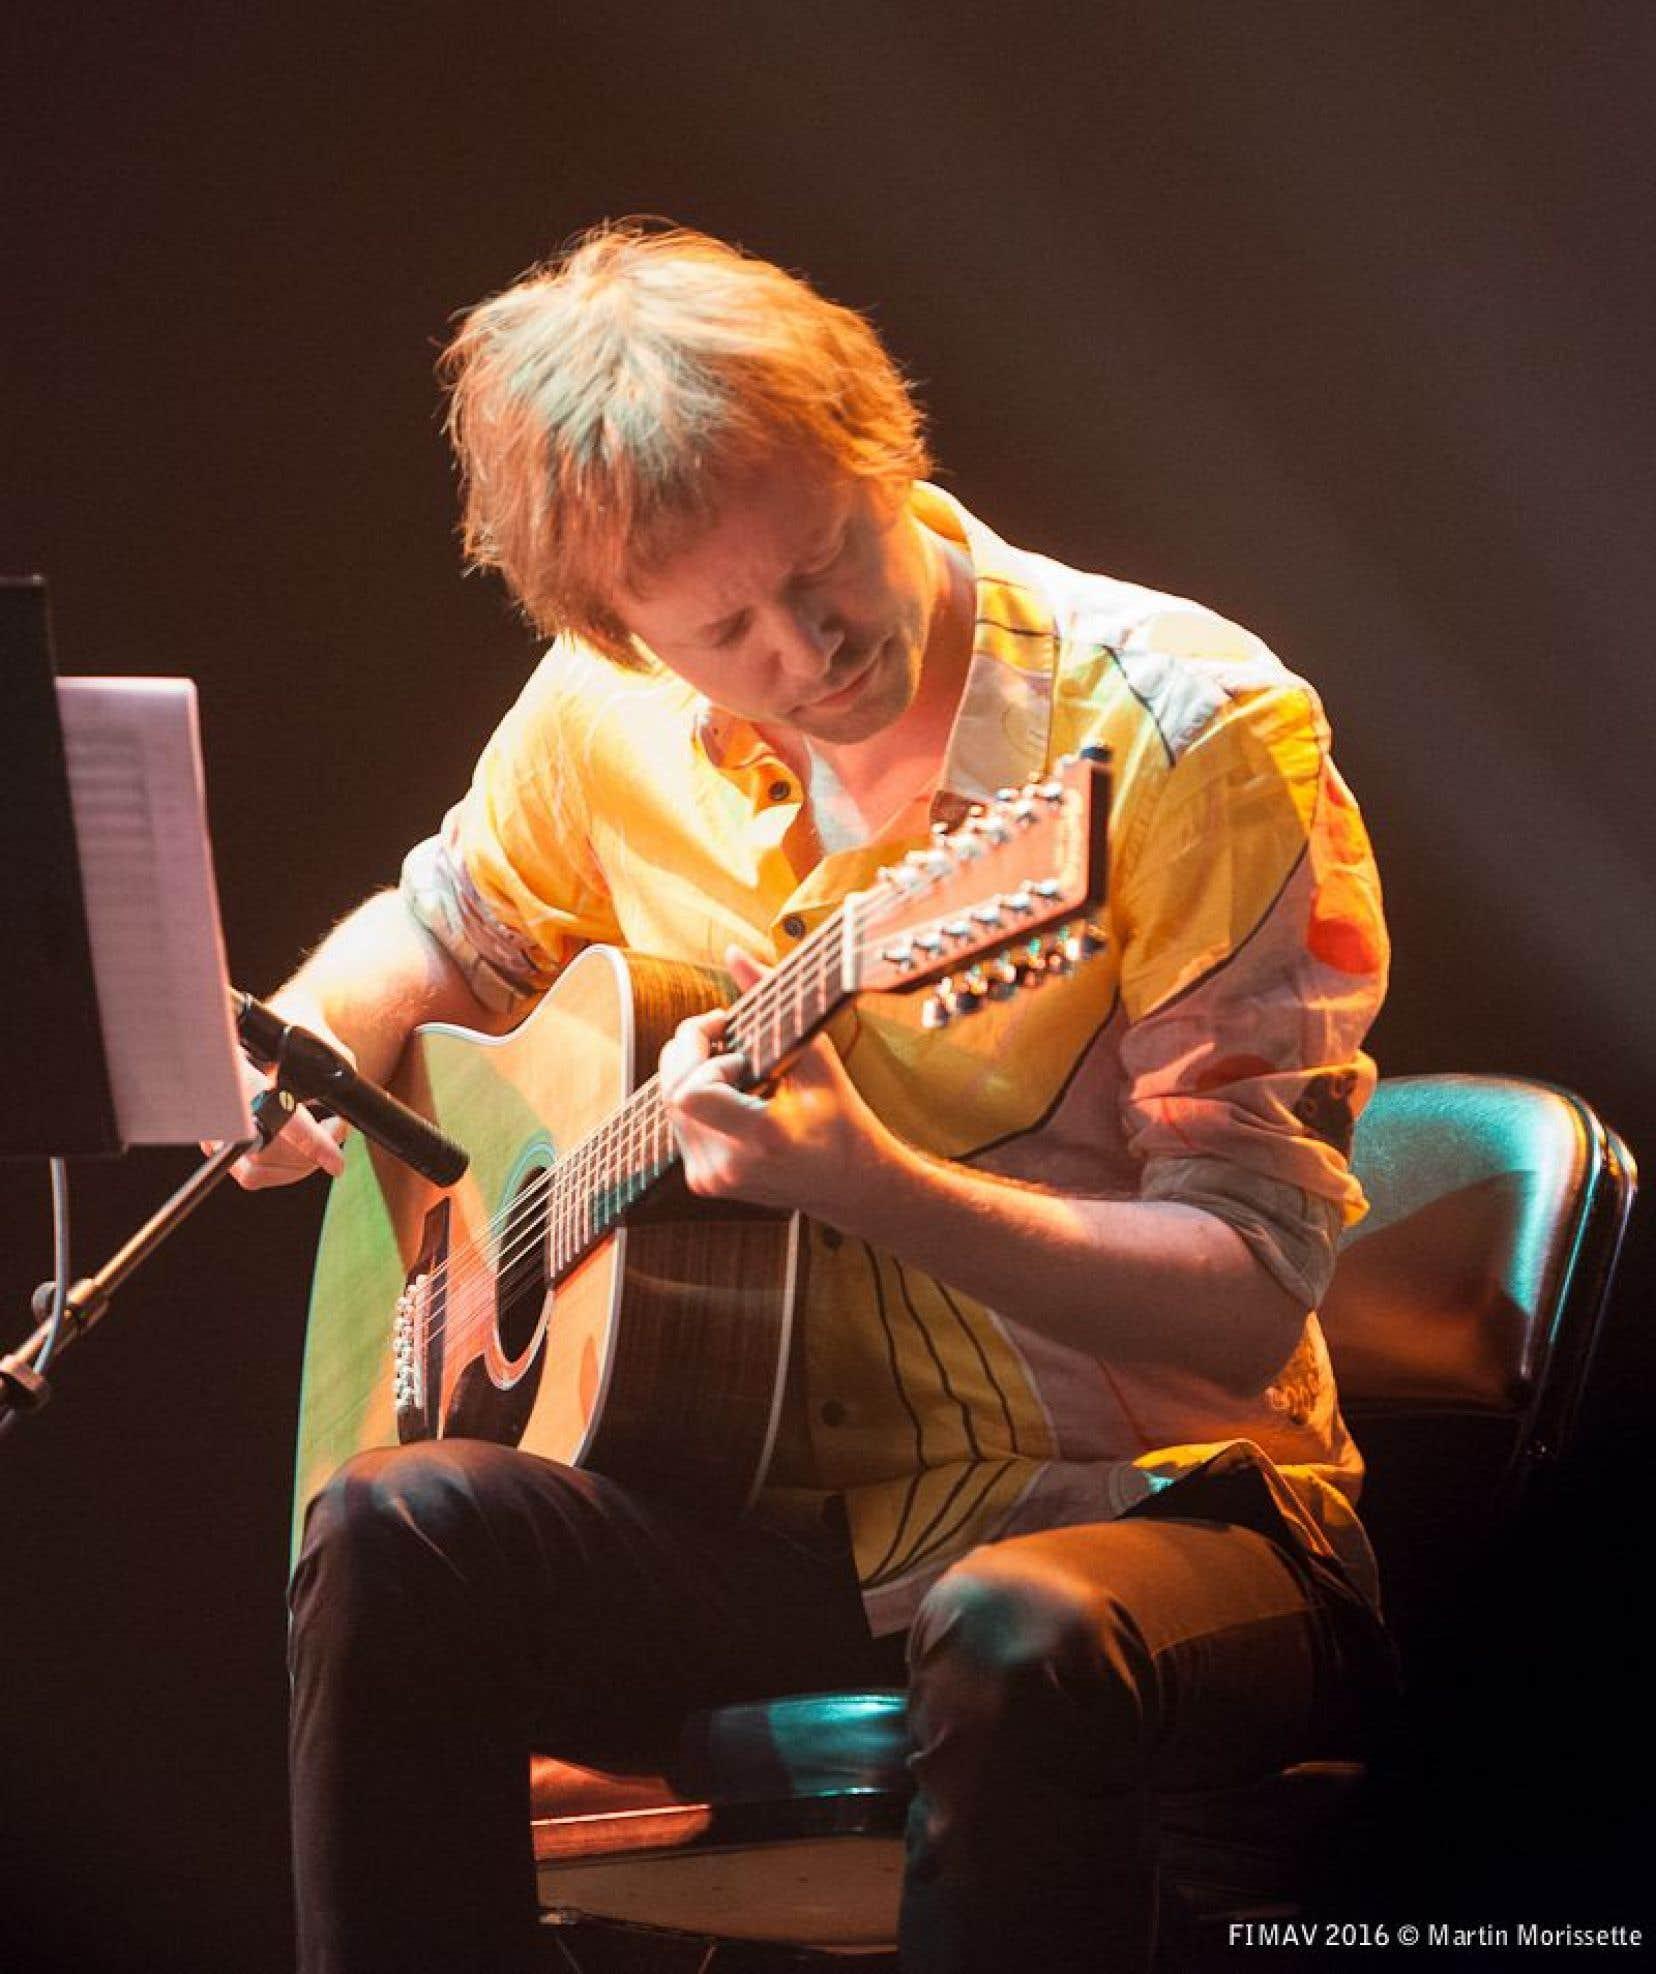 Le guitariste norvégien Kim Myhr était venu présenter une œuvre de 50 minutes avec ses acolytes du Quatuor Bozzini.